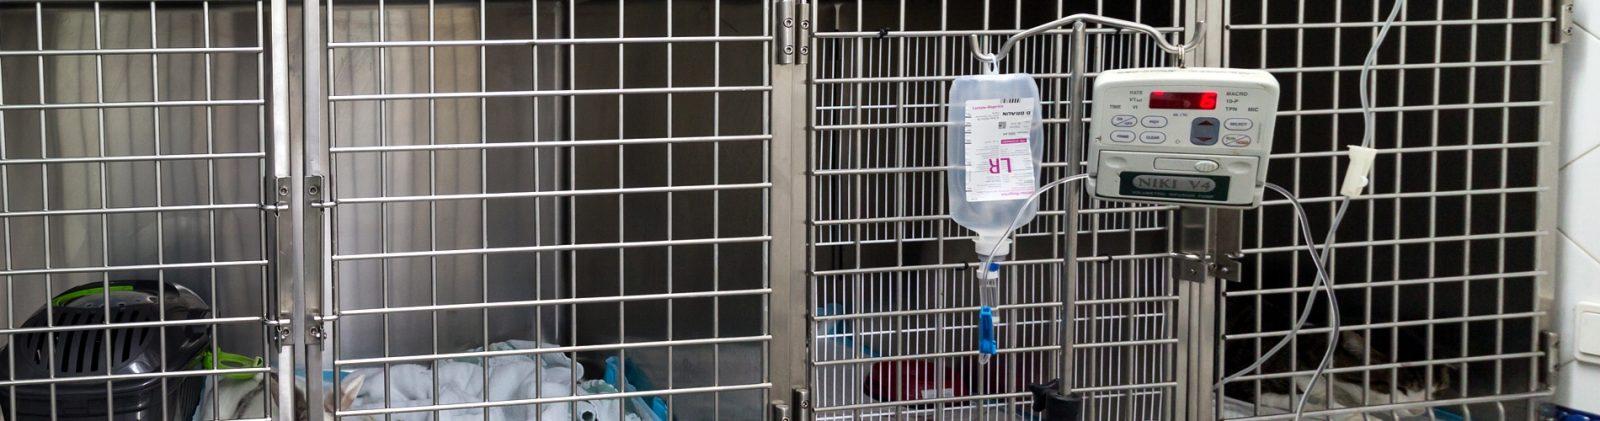 surveco-veterinarios-en-cordoba-hospitalizacion-4